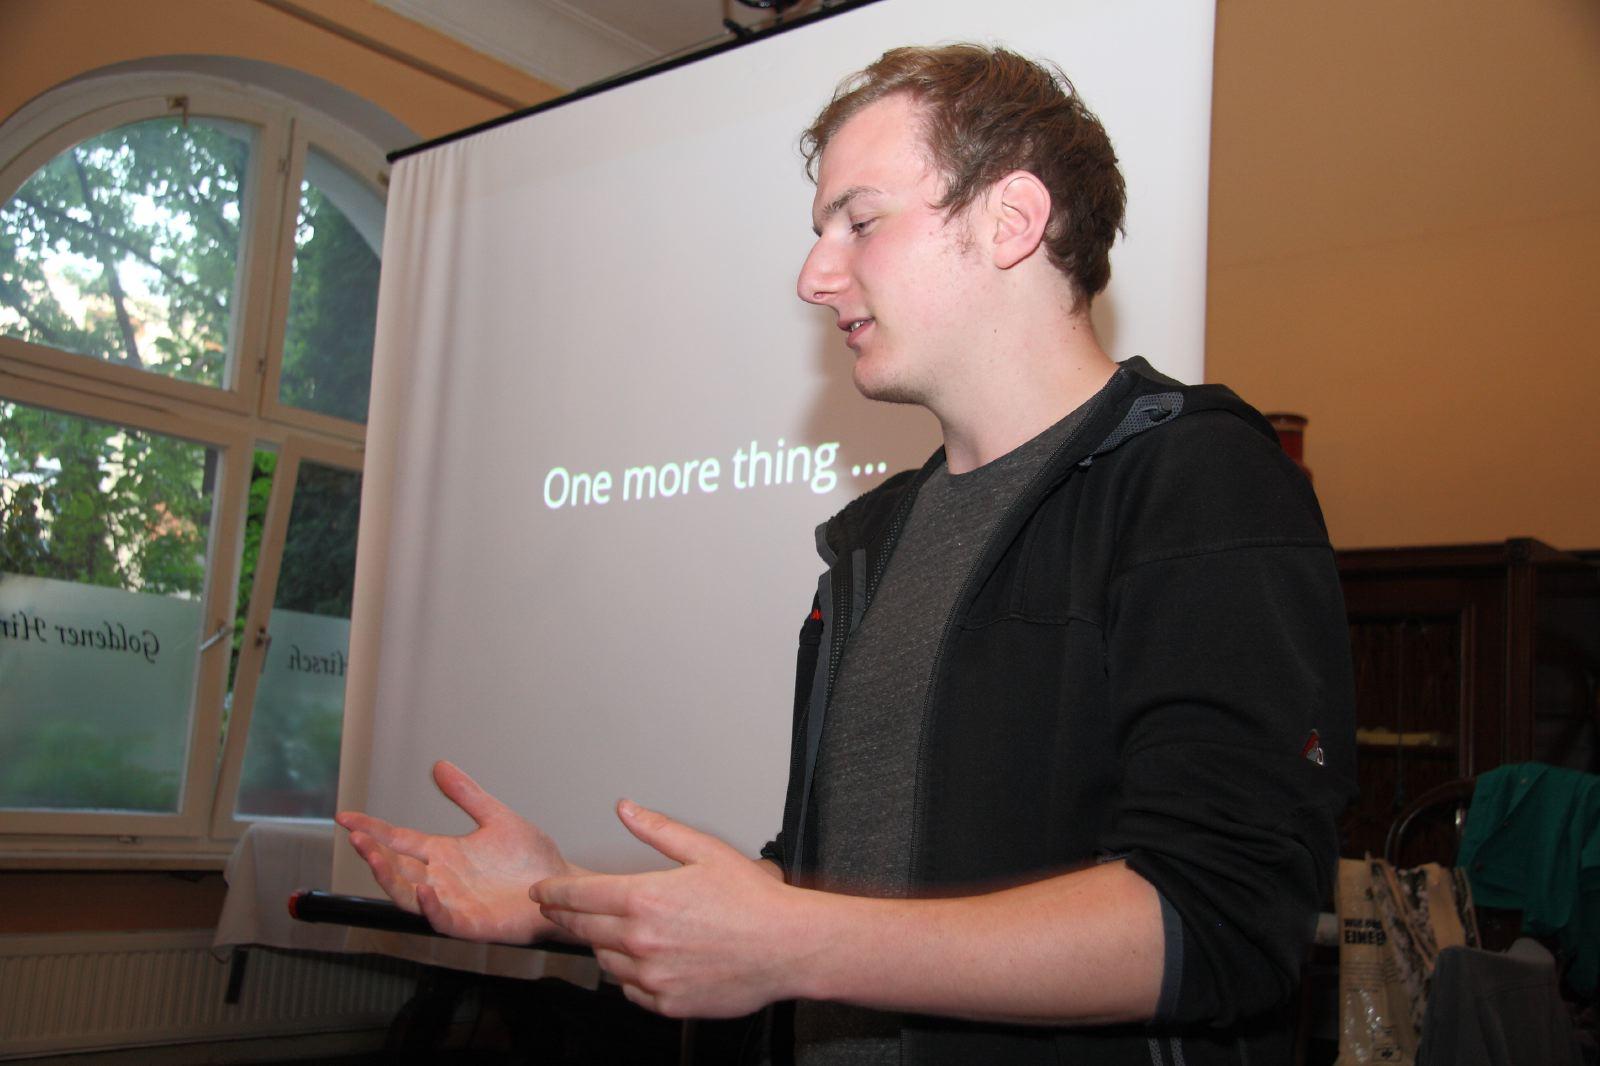 116. Treffen: ownCloud mit Jan-Christoph Borchardt und Steffen Lindner